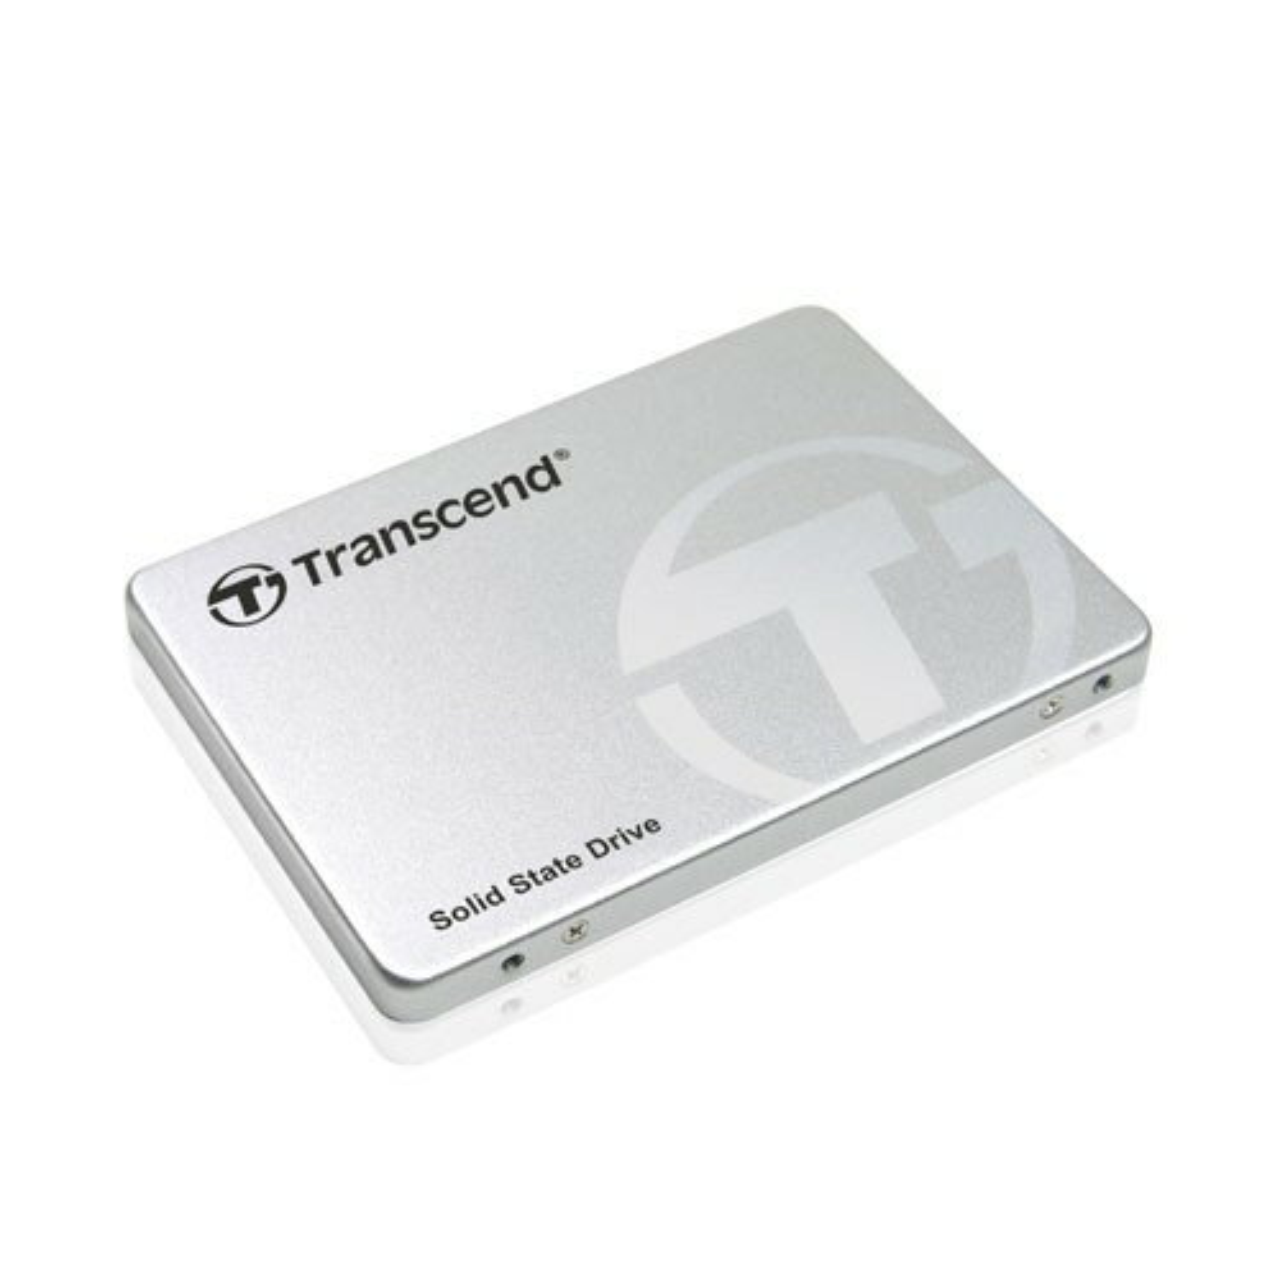 【通常価格6,980円のところ300円OFF!】Transcend SSD 2.5インチ 128GB SATAIII対応 換装 [TS128GSSD370S]【送料無料】